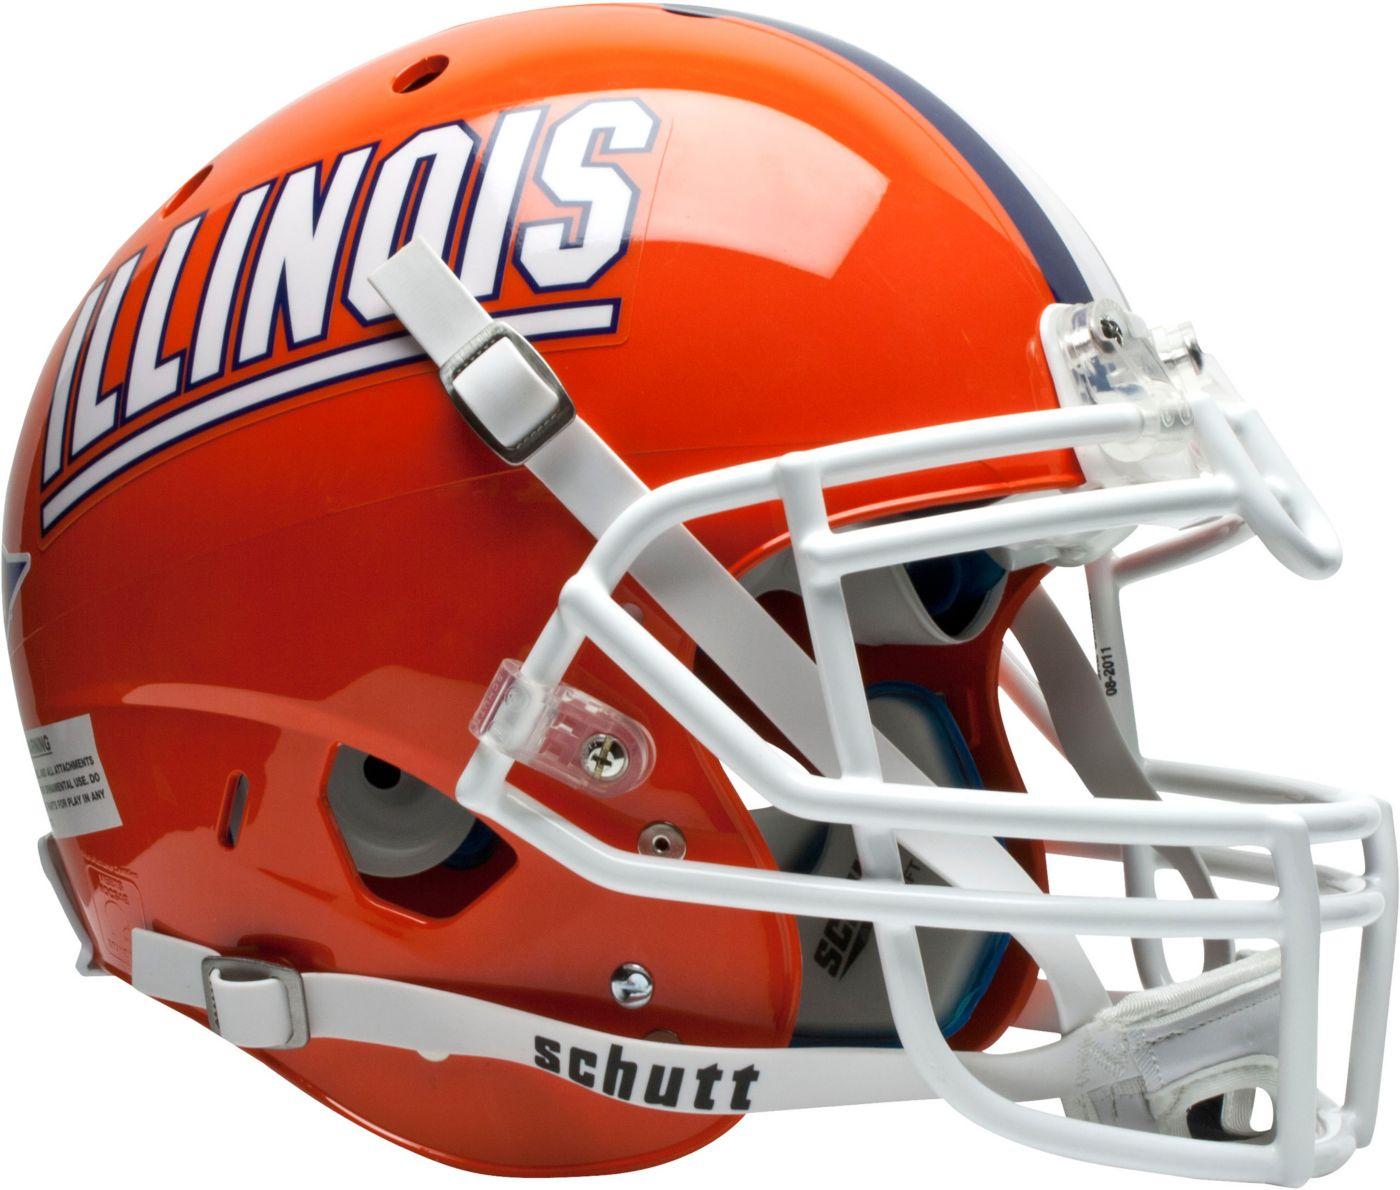 Schutt Illinois Fighting Illini XP Authentic Football Helmet